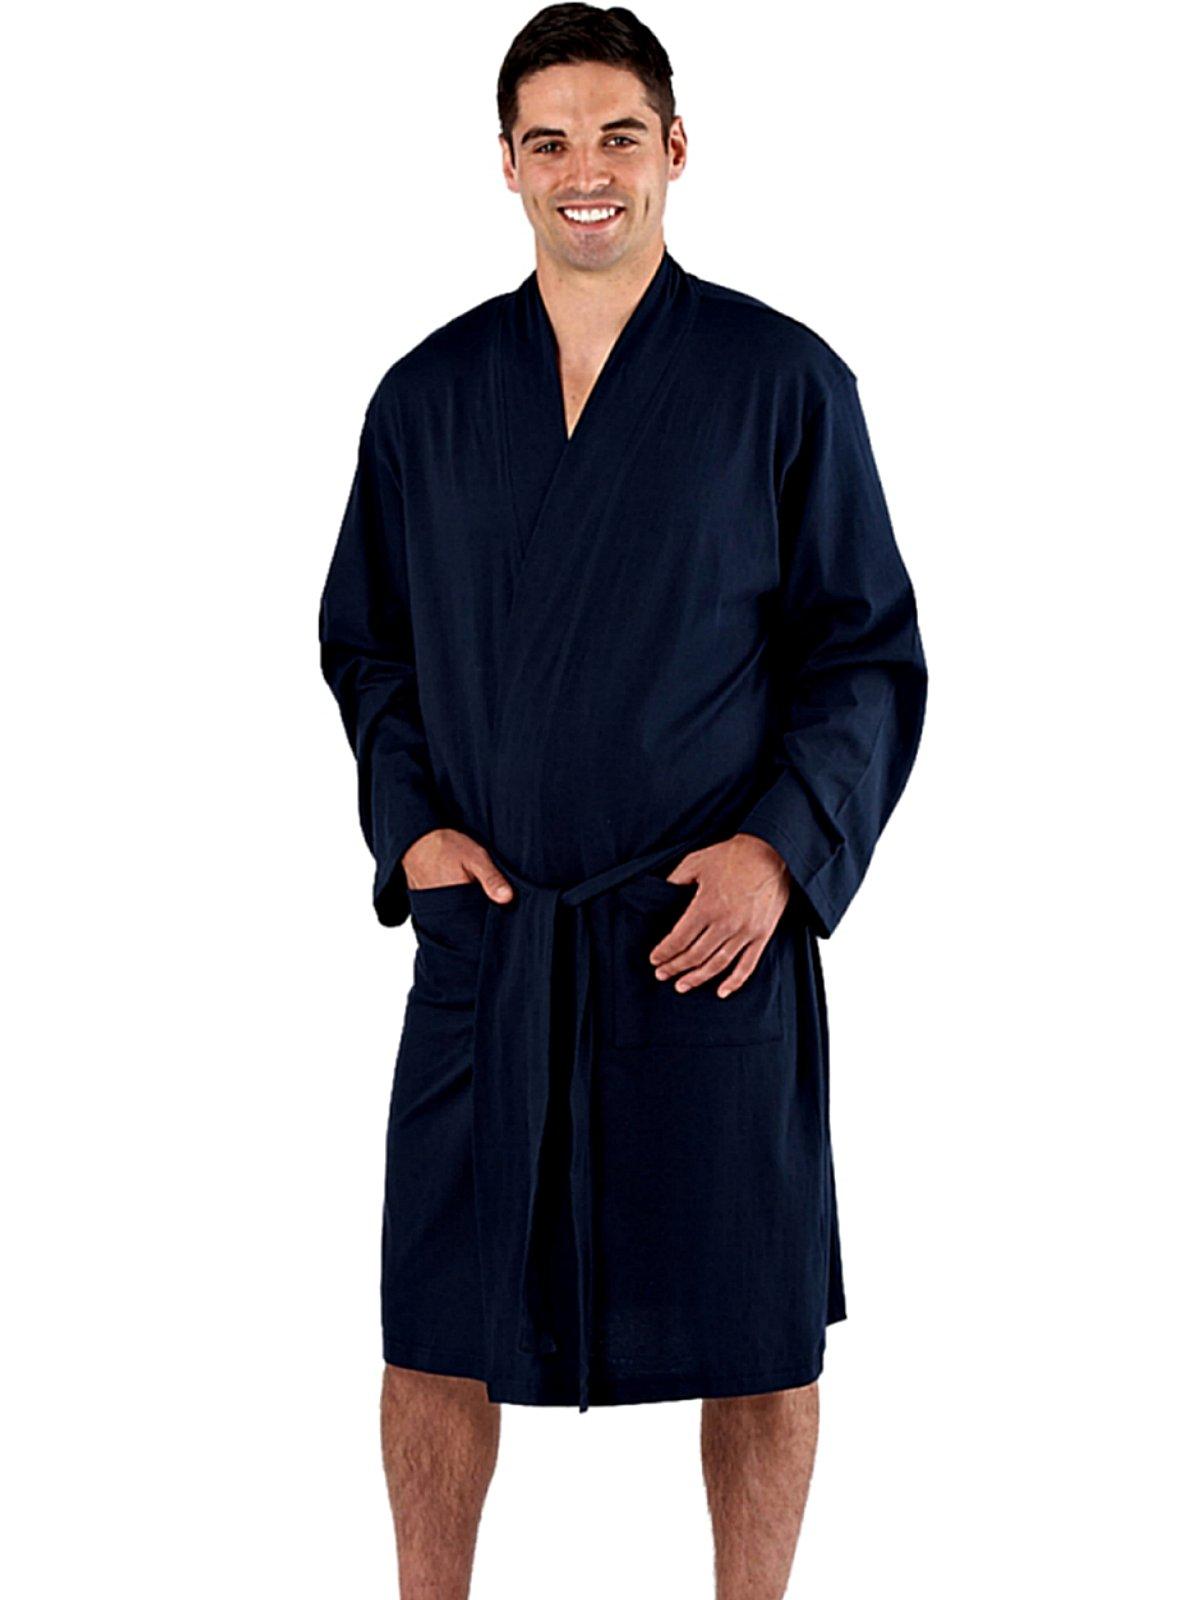 Hombre Bata Lighweight 100% Algodón Puro Suéter Verano product image